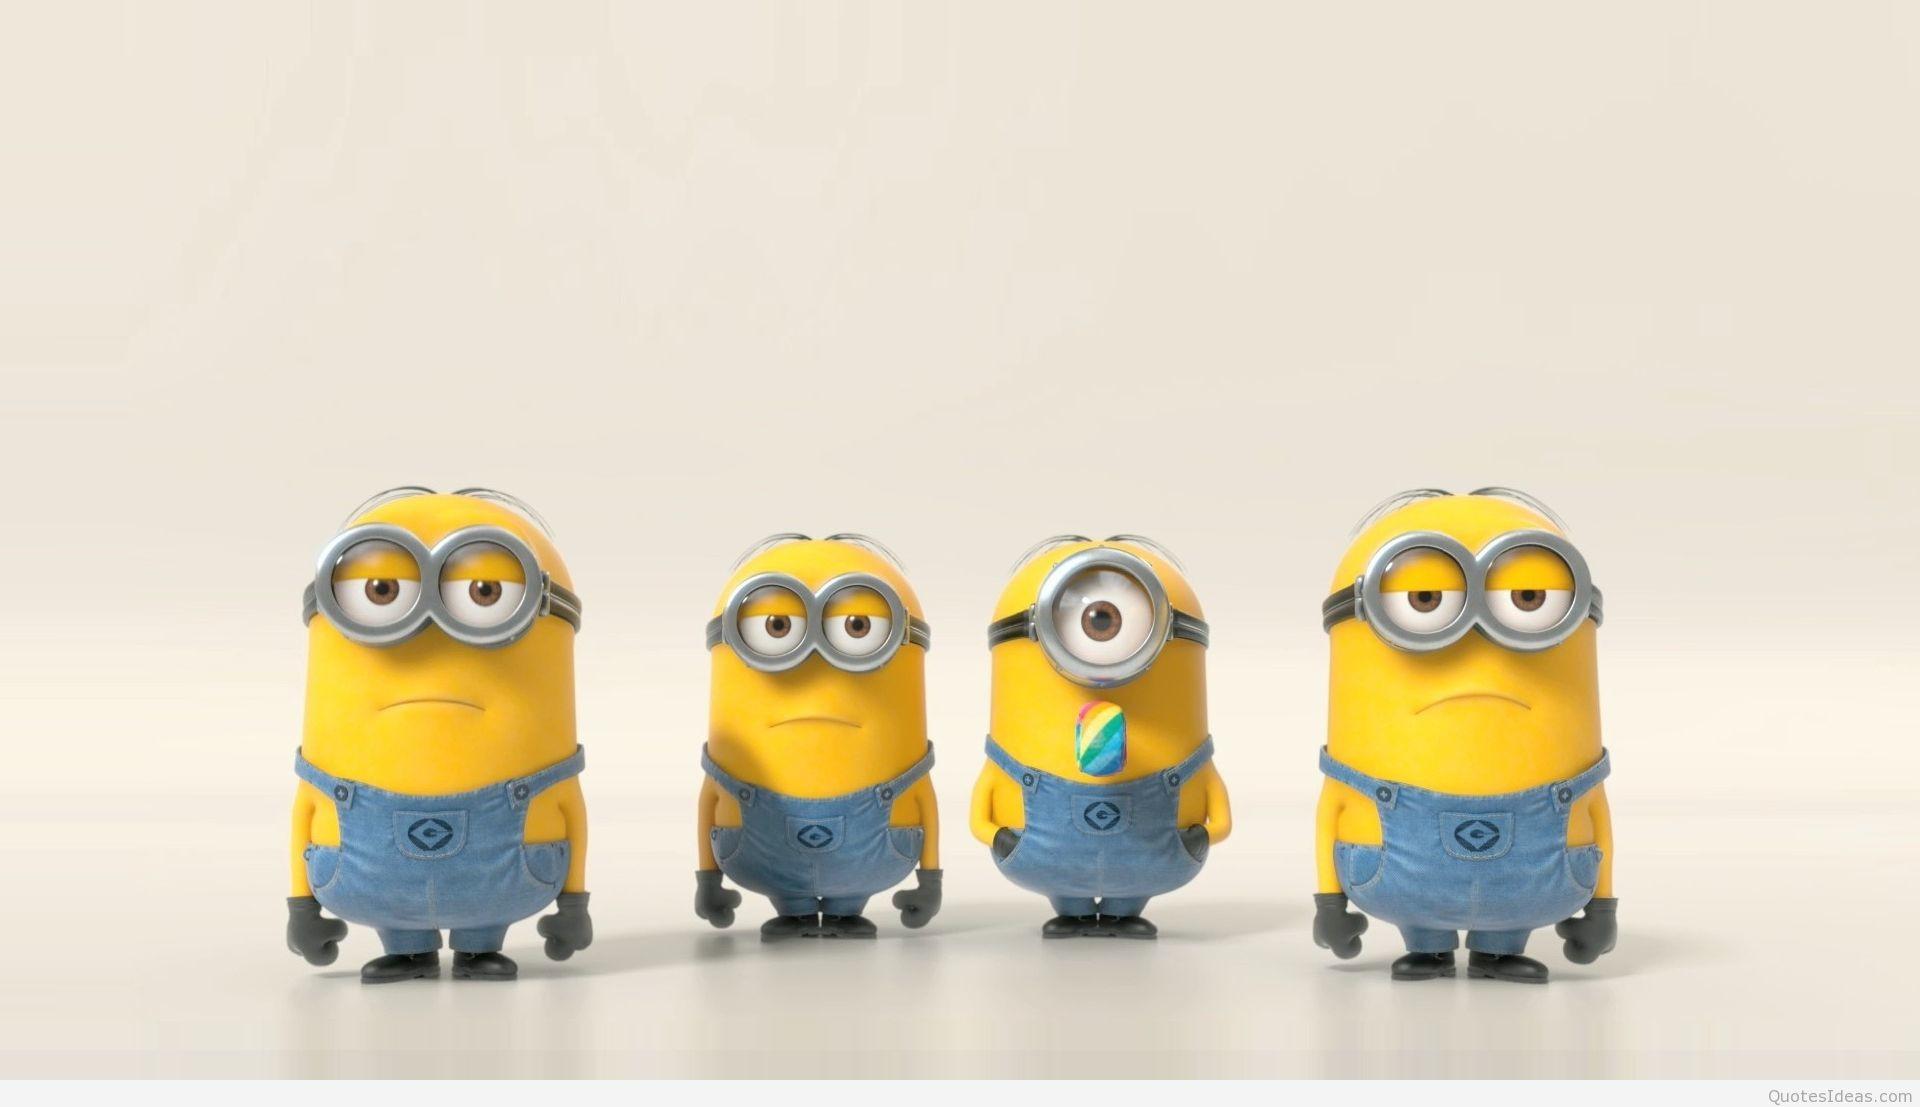 … minions-banana-song-wallpapers-hd-minions-banana-wallpaper …